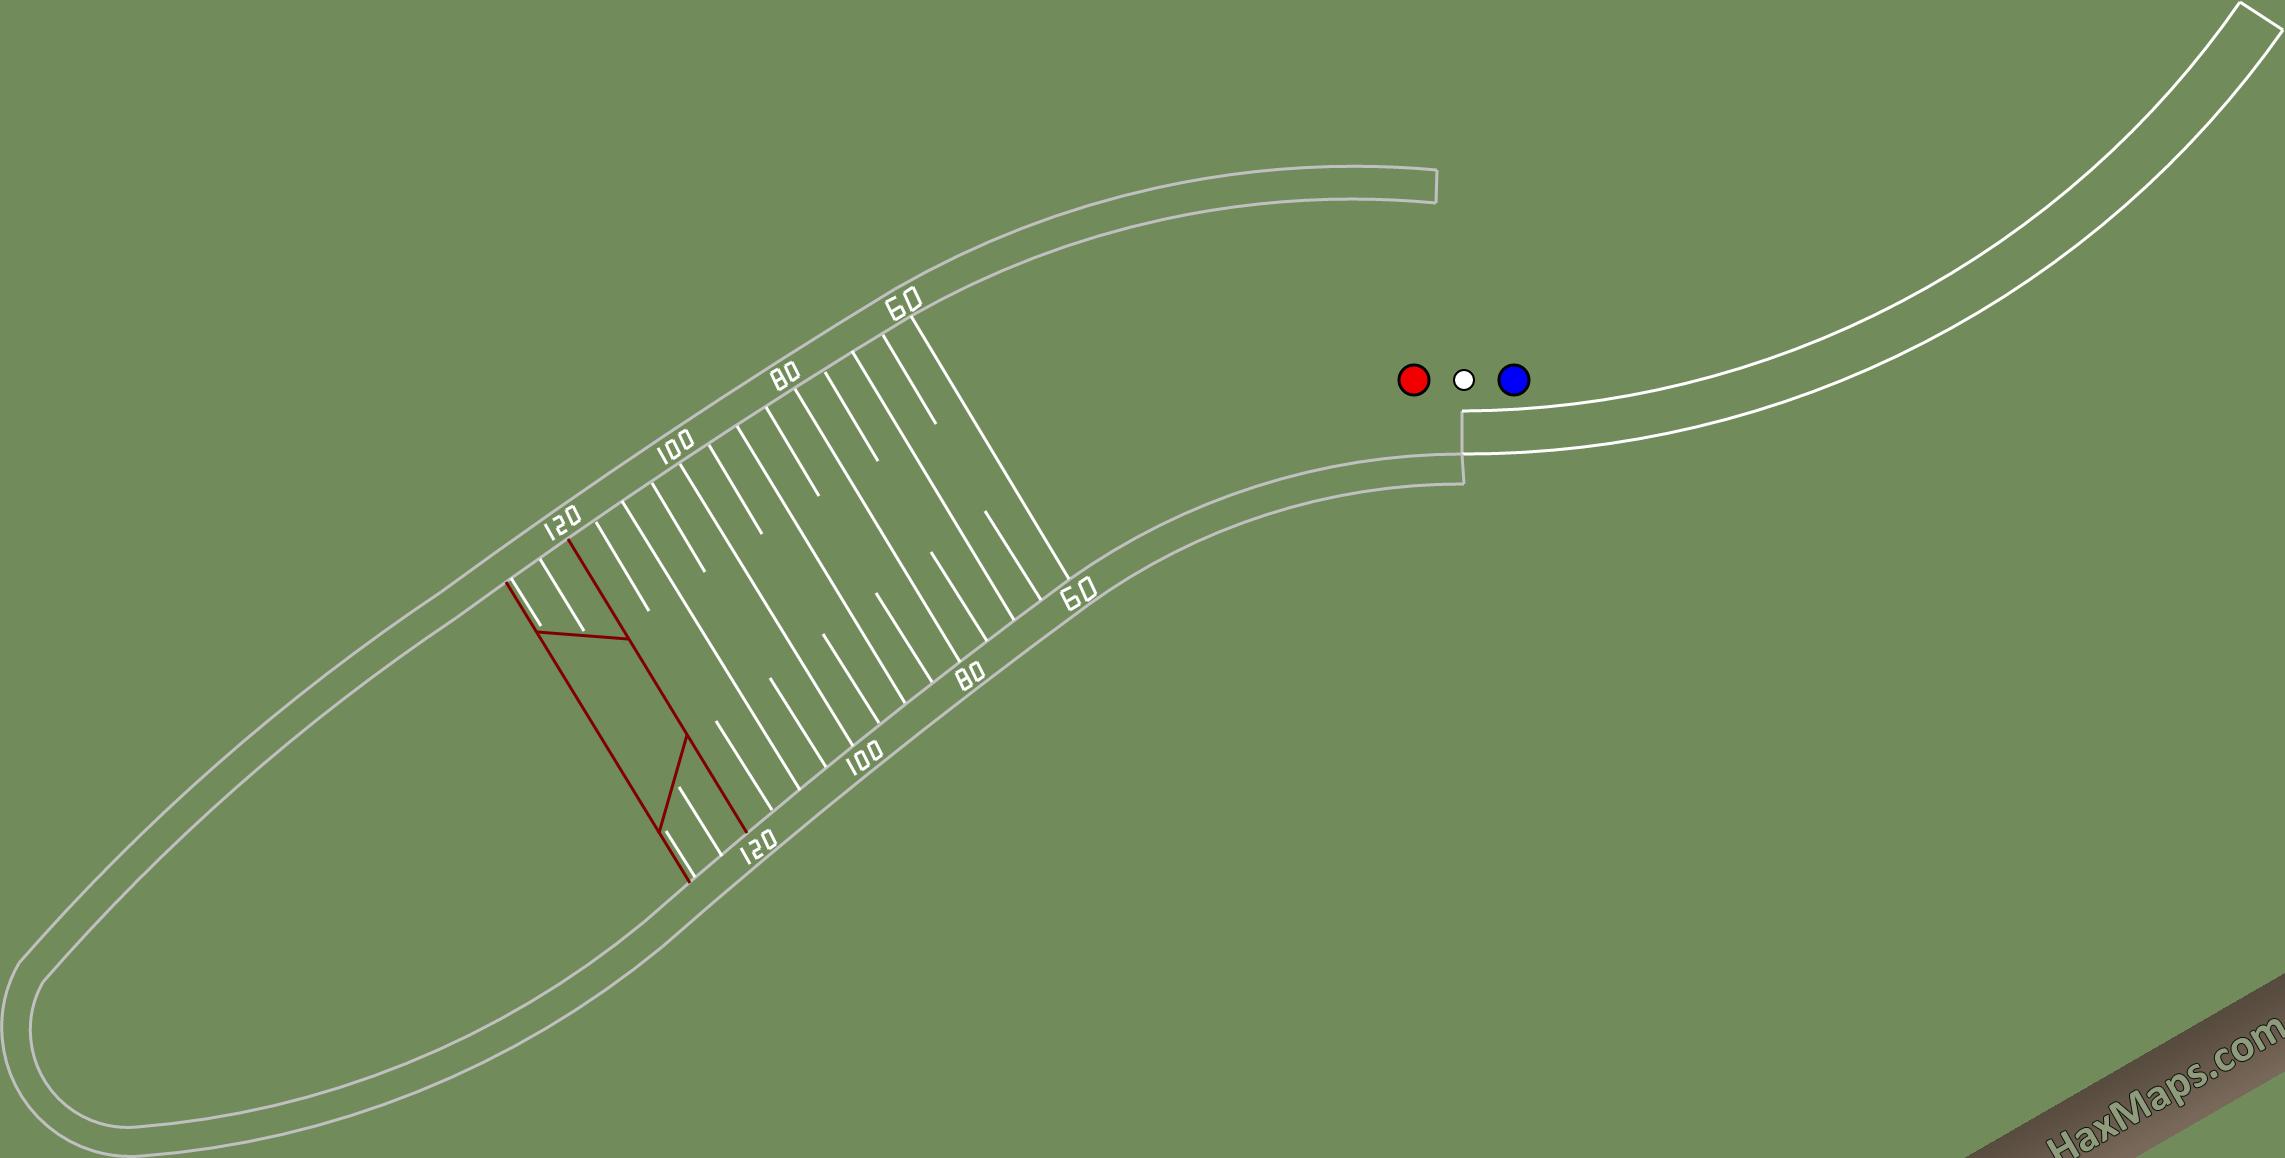 hax ball maps | Hakuba K120